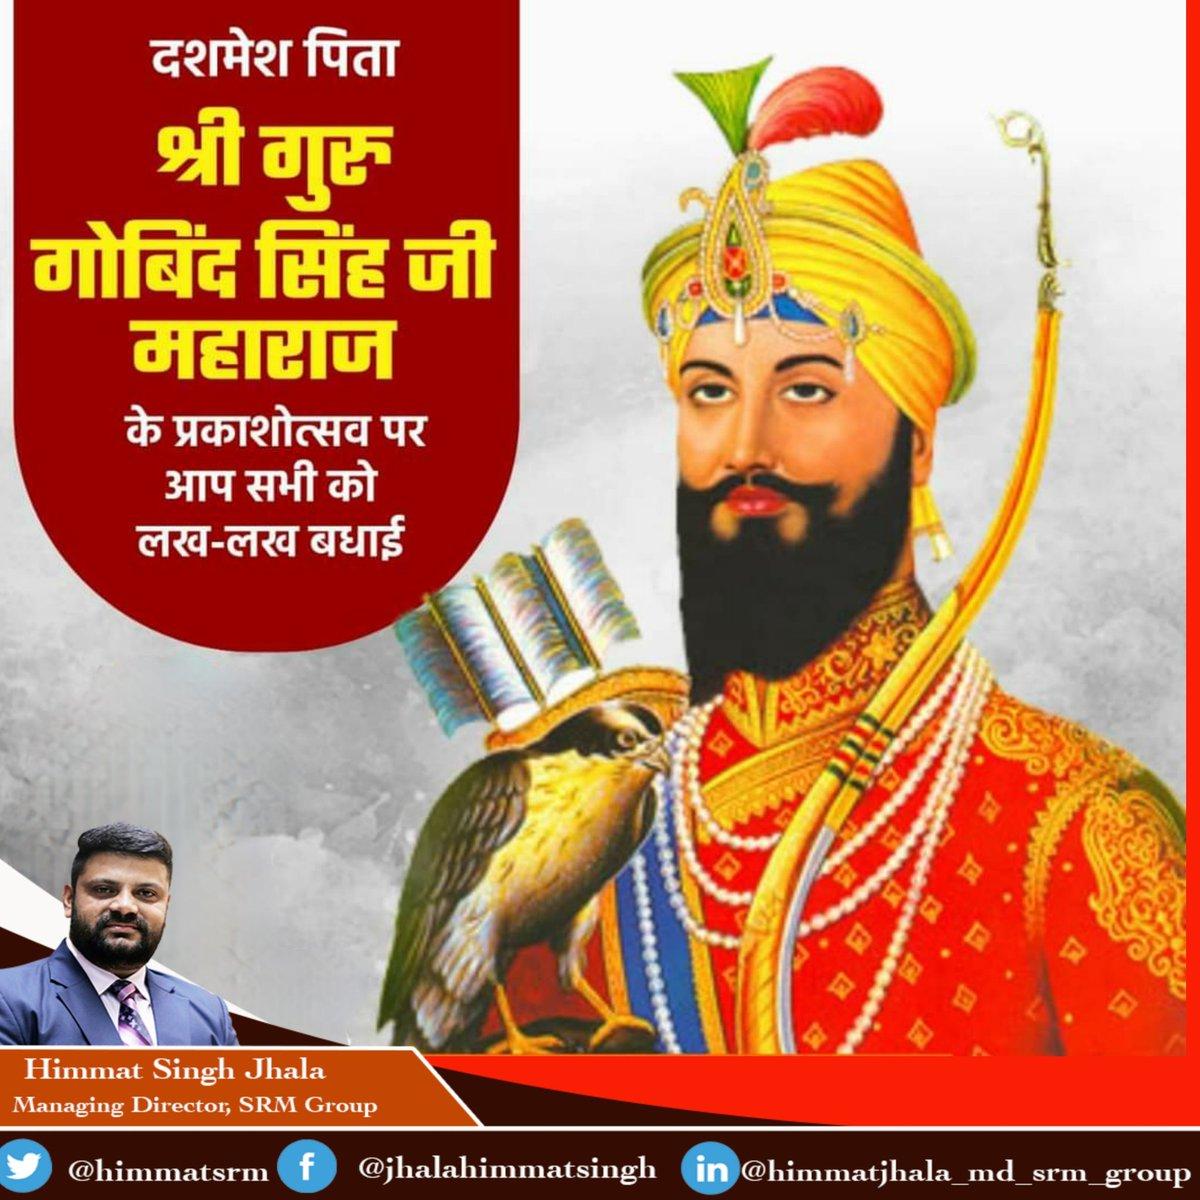 एक निपुण योद्धा, प्रभावी नेता, महान दार्शनिक, सिख धर्म के दसवें गुरु गोविंद सिंह जी की जयंती के उपलक्ष्य में हर्षोल्लास के साथ मनाए जाने वाले प्रकाश पर्व की हार्दिक शुभकामनाएं! #gurugobindsinghjayanti #GuruGobindSingh #Sikh #Guru